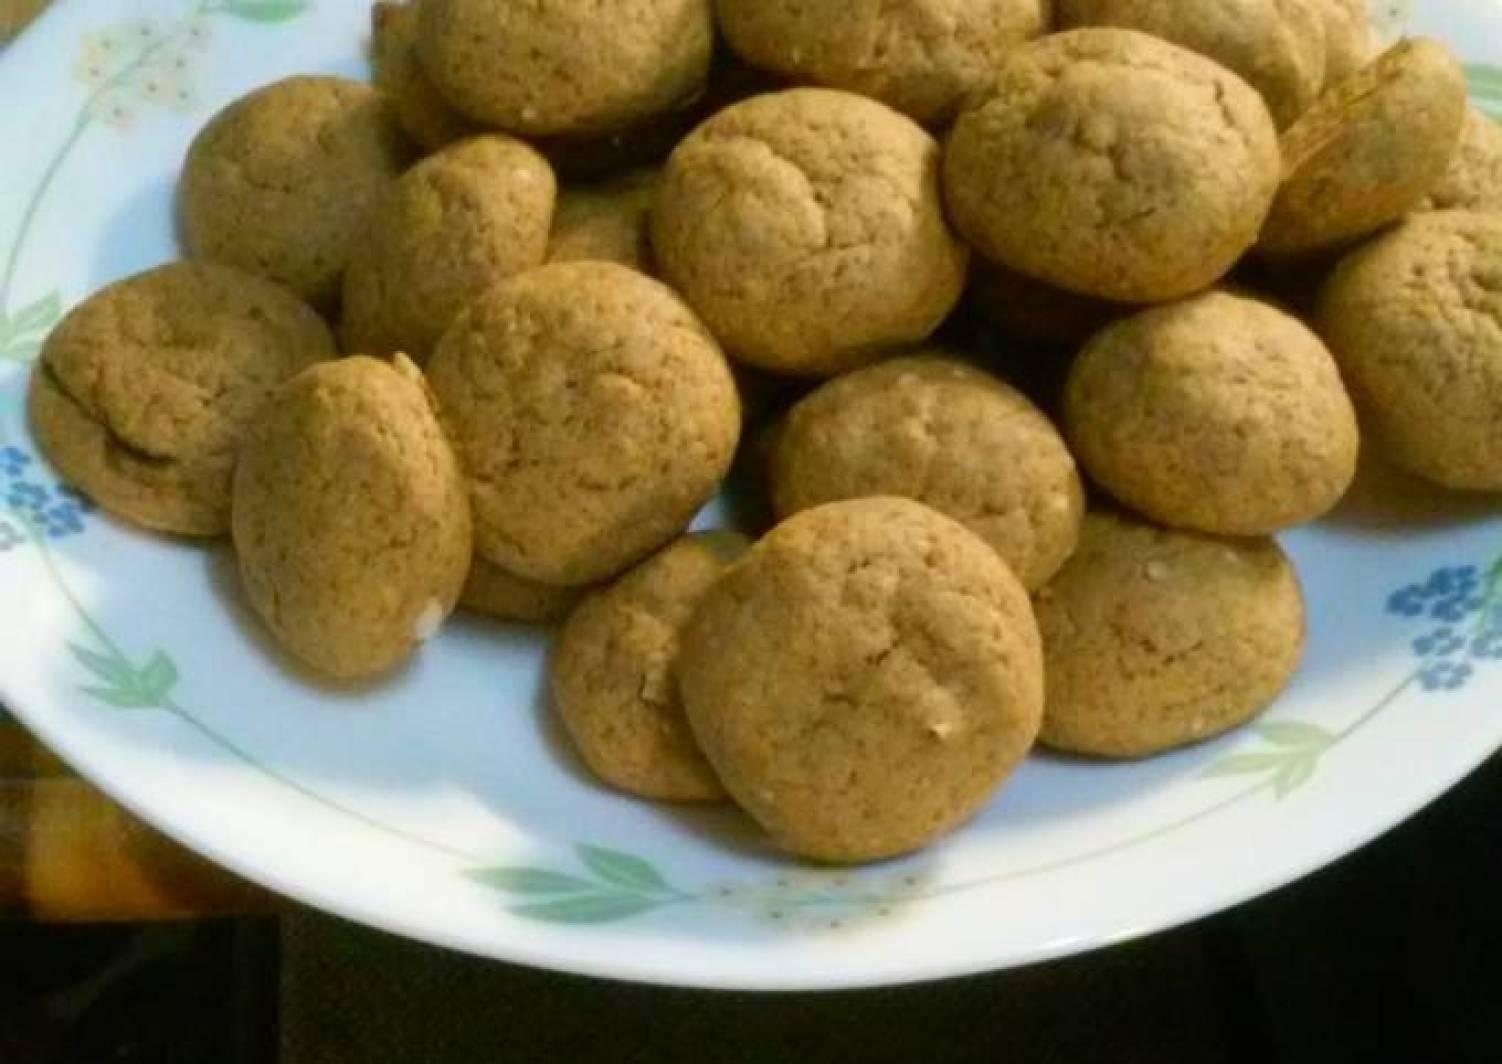 Pfeffernuse Cookies